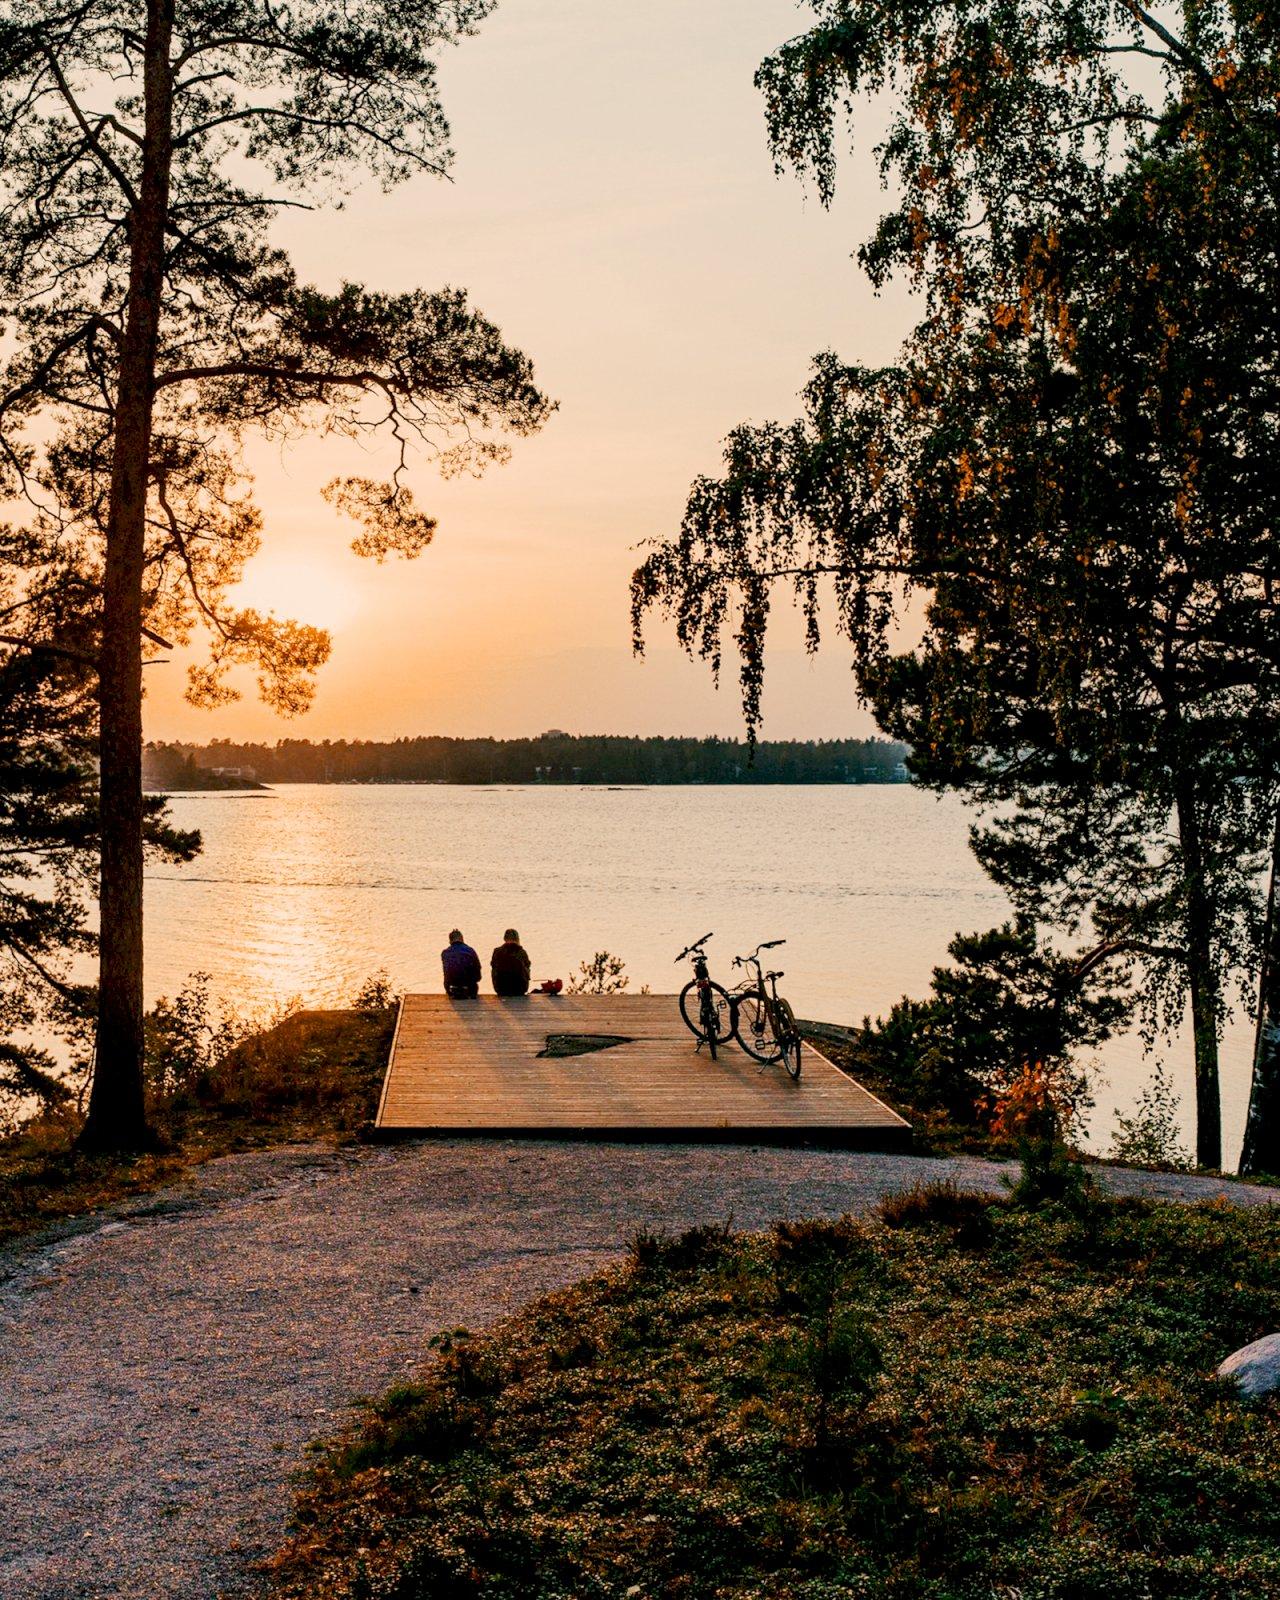 Kaksi ulkoilijaa katselee auringonlaskua Espoon Hanasaaren laiturilla.